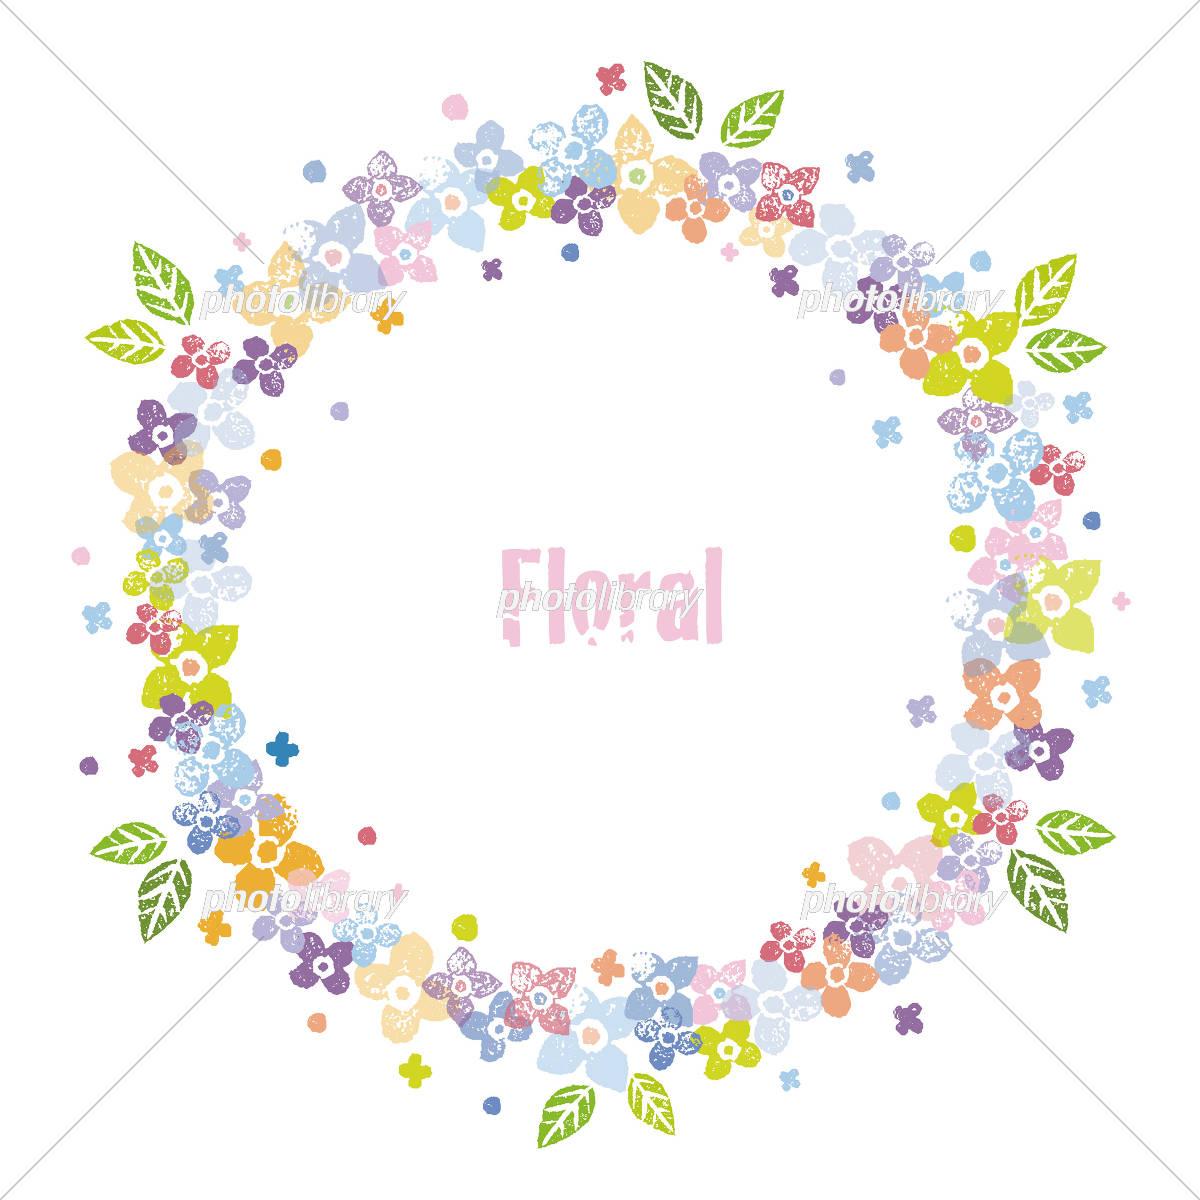 カラフルな花飾りのリース 円形花の飾り枠デザイン イラスト素材